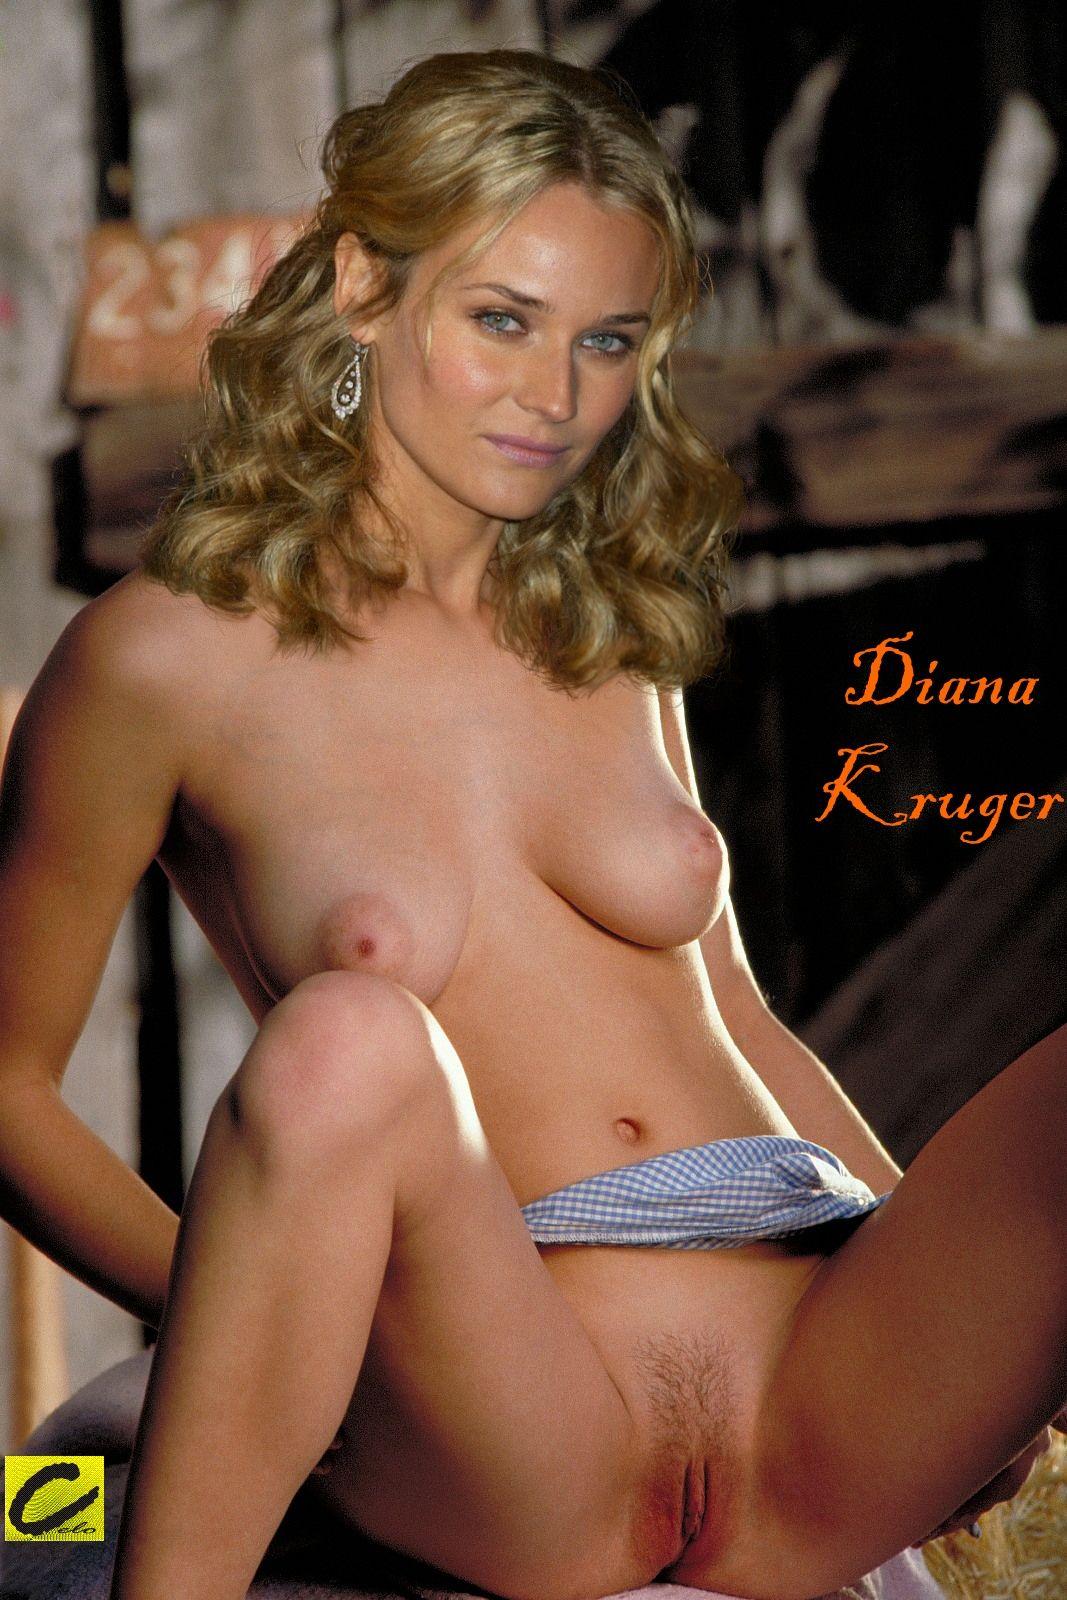 Diane Kruger Naked Fake « CelebrityFakes4u.com